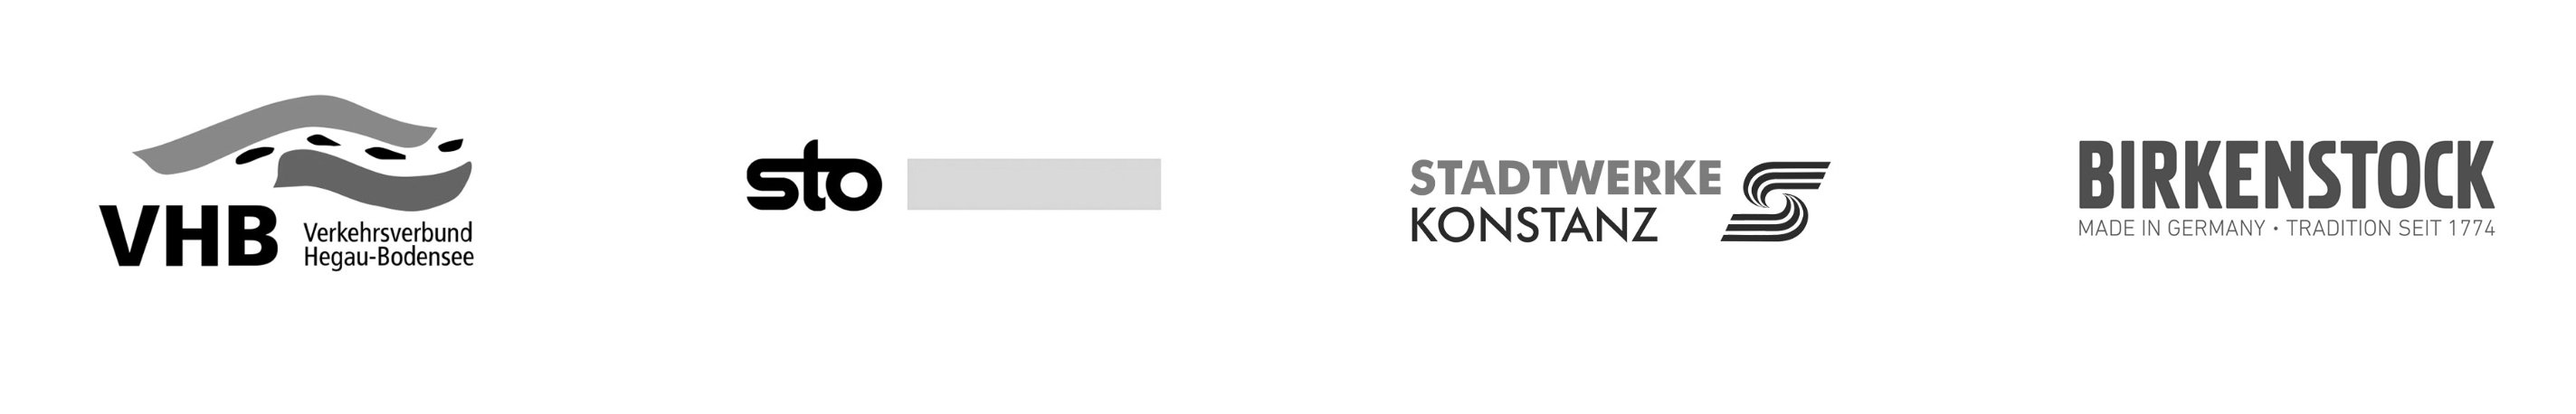 Kundenreferenz vergissmeinnicht Werbeagentur Konstanz Bodensee